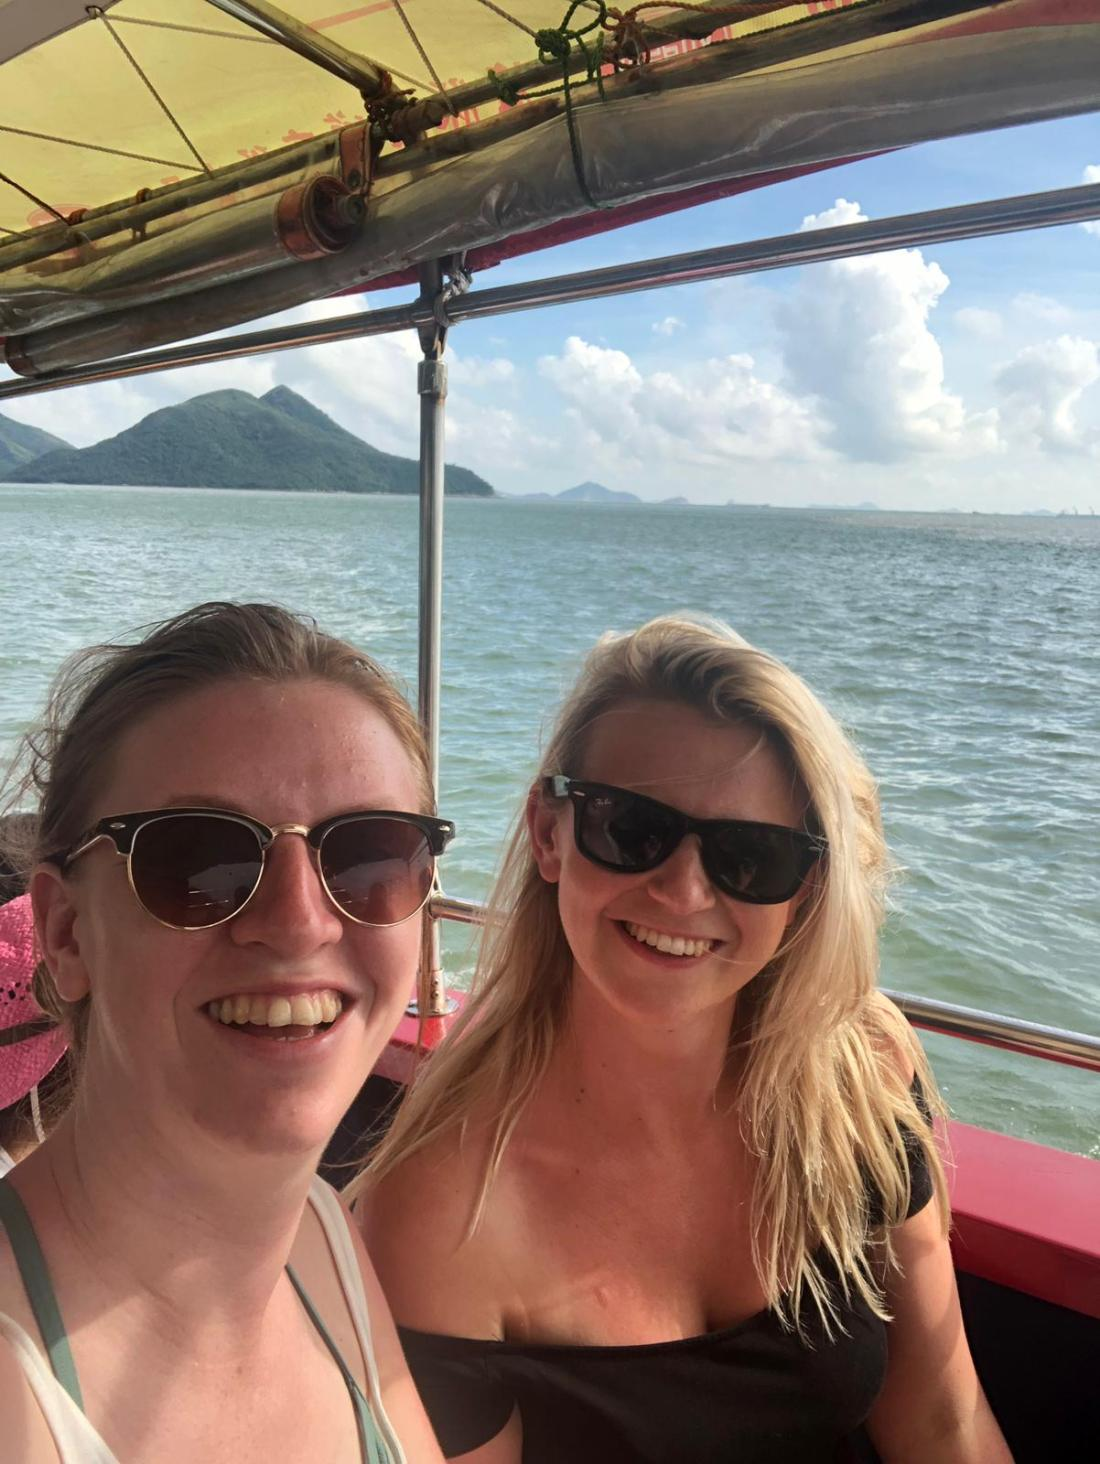 Girls in a boat on Lantau Island